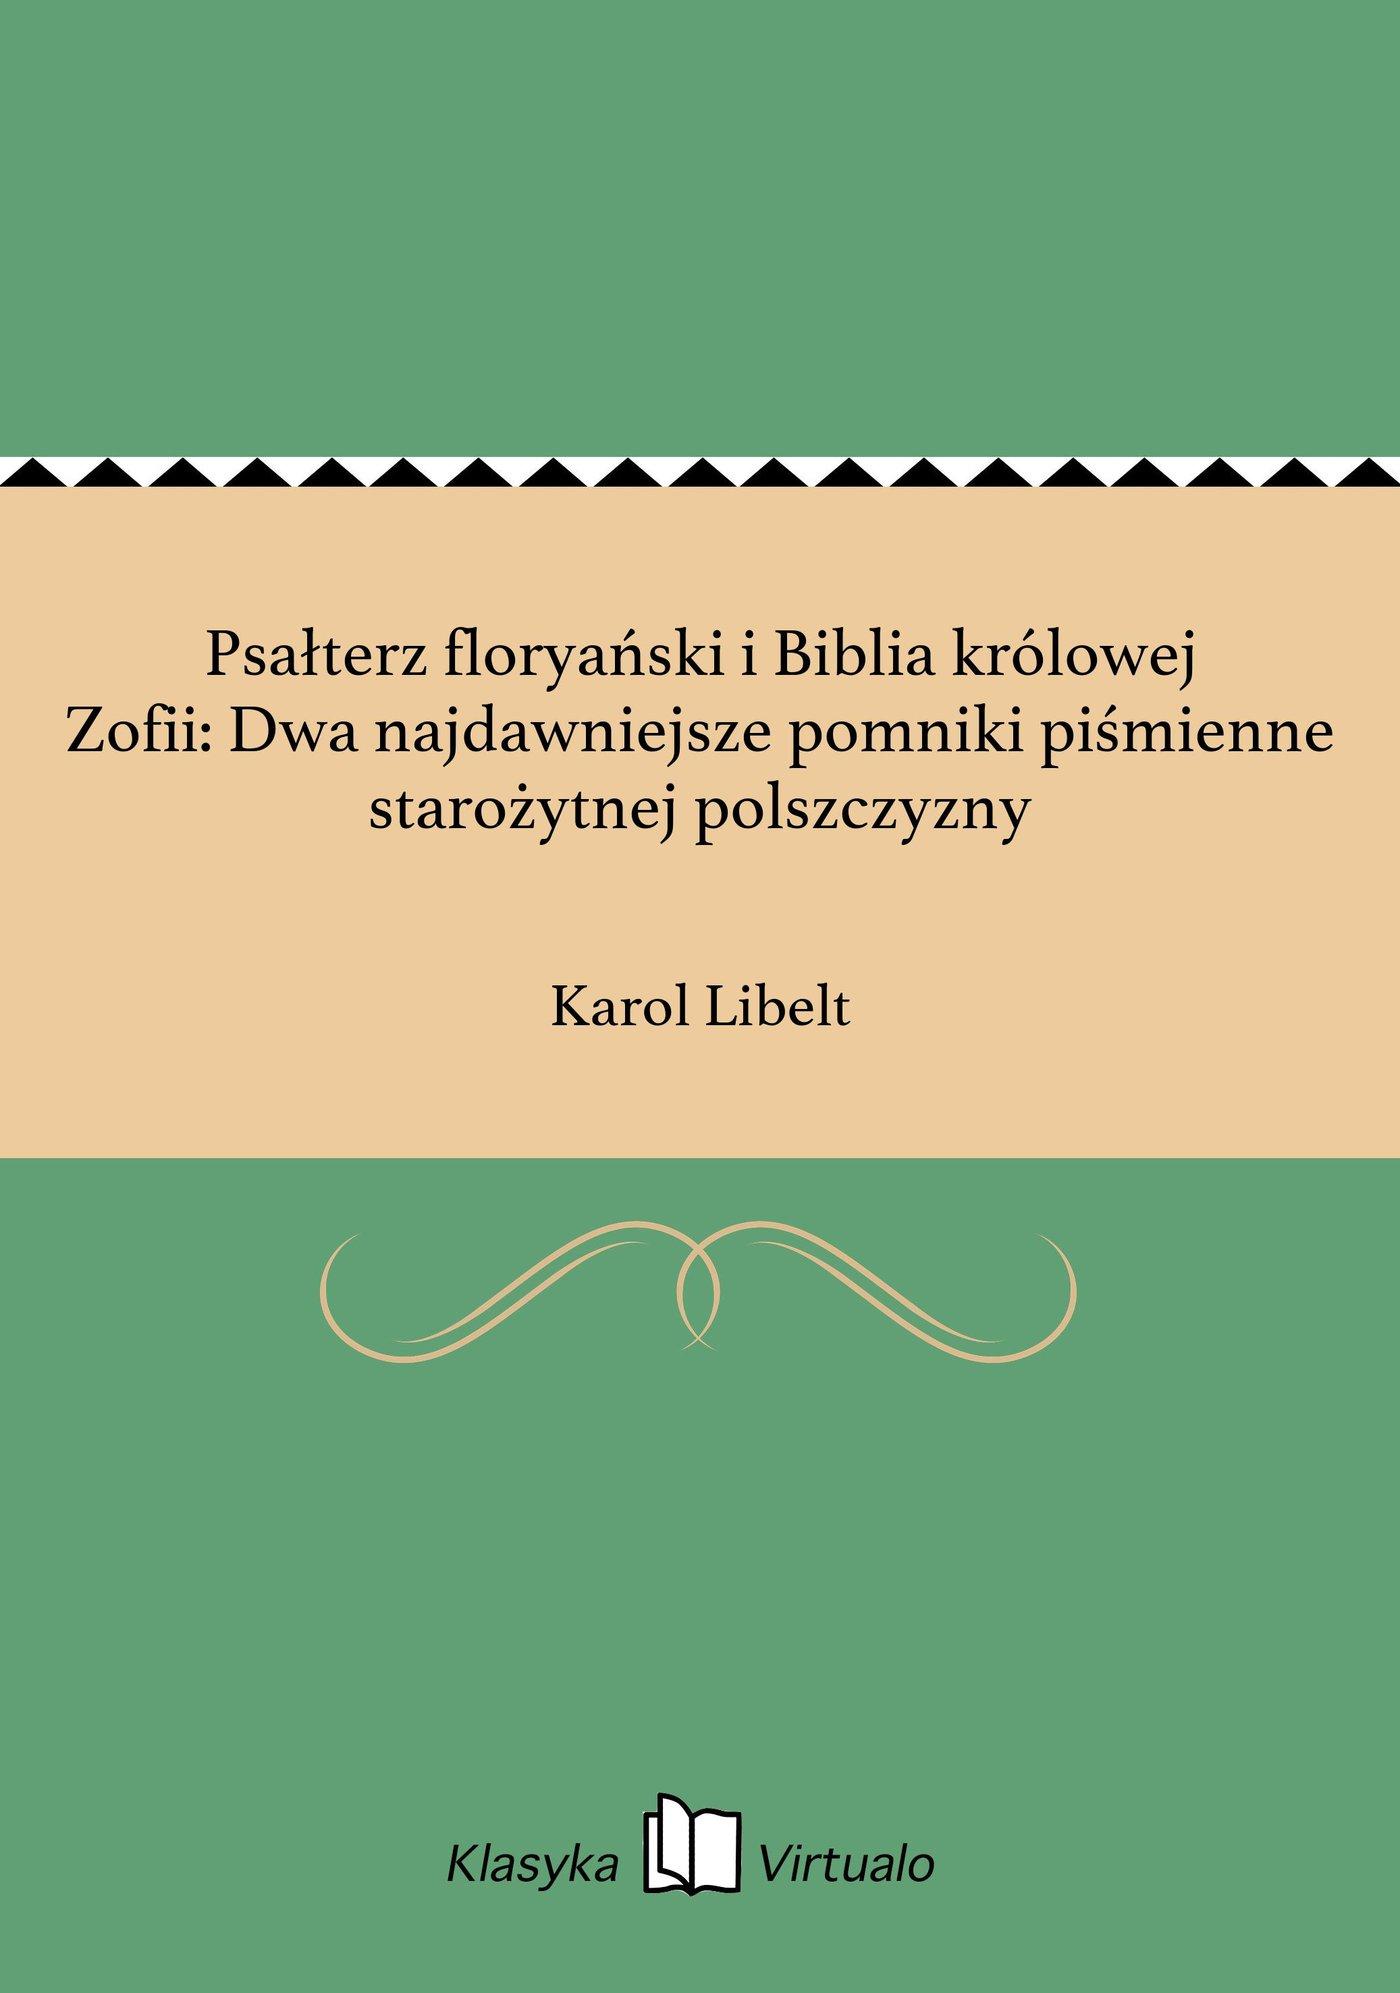 Psałterz floryański i Biblia królowej Zofii: Dwa najdawniejsze pomniki piśmienne starożytnej polszczyzny - Ebook (Książka EPUB) do pobrania w formacie EPUB